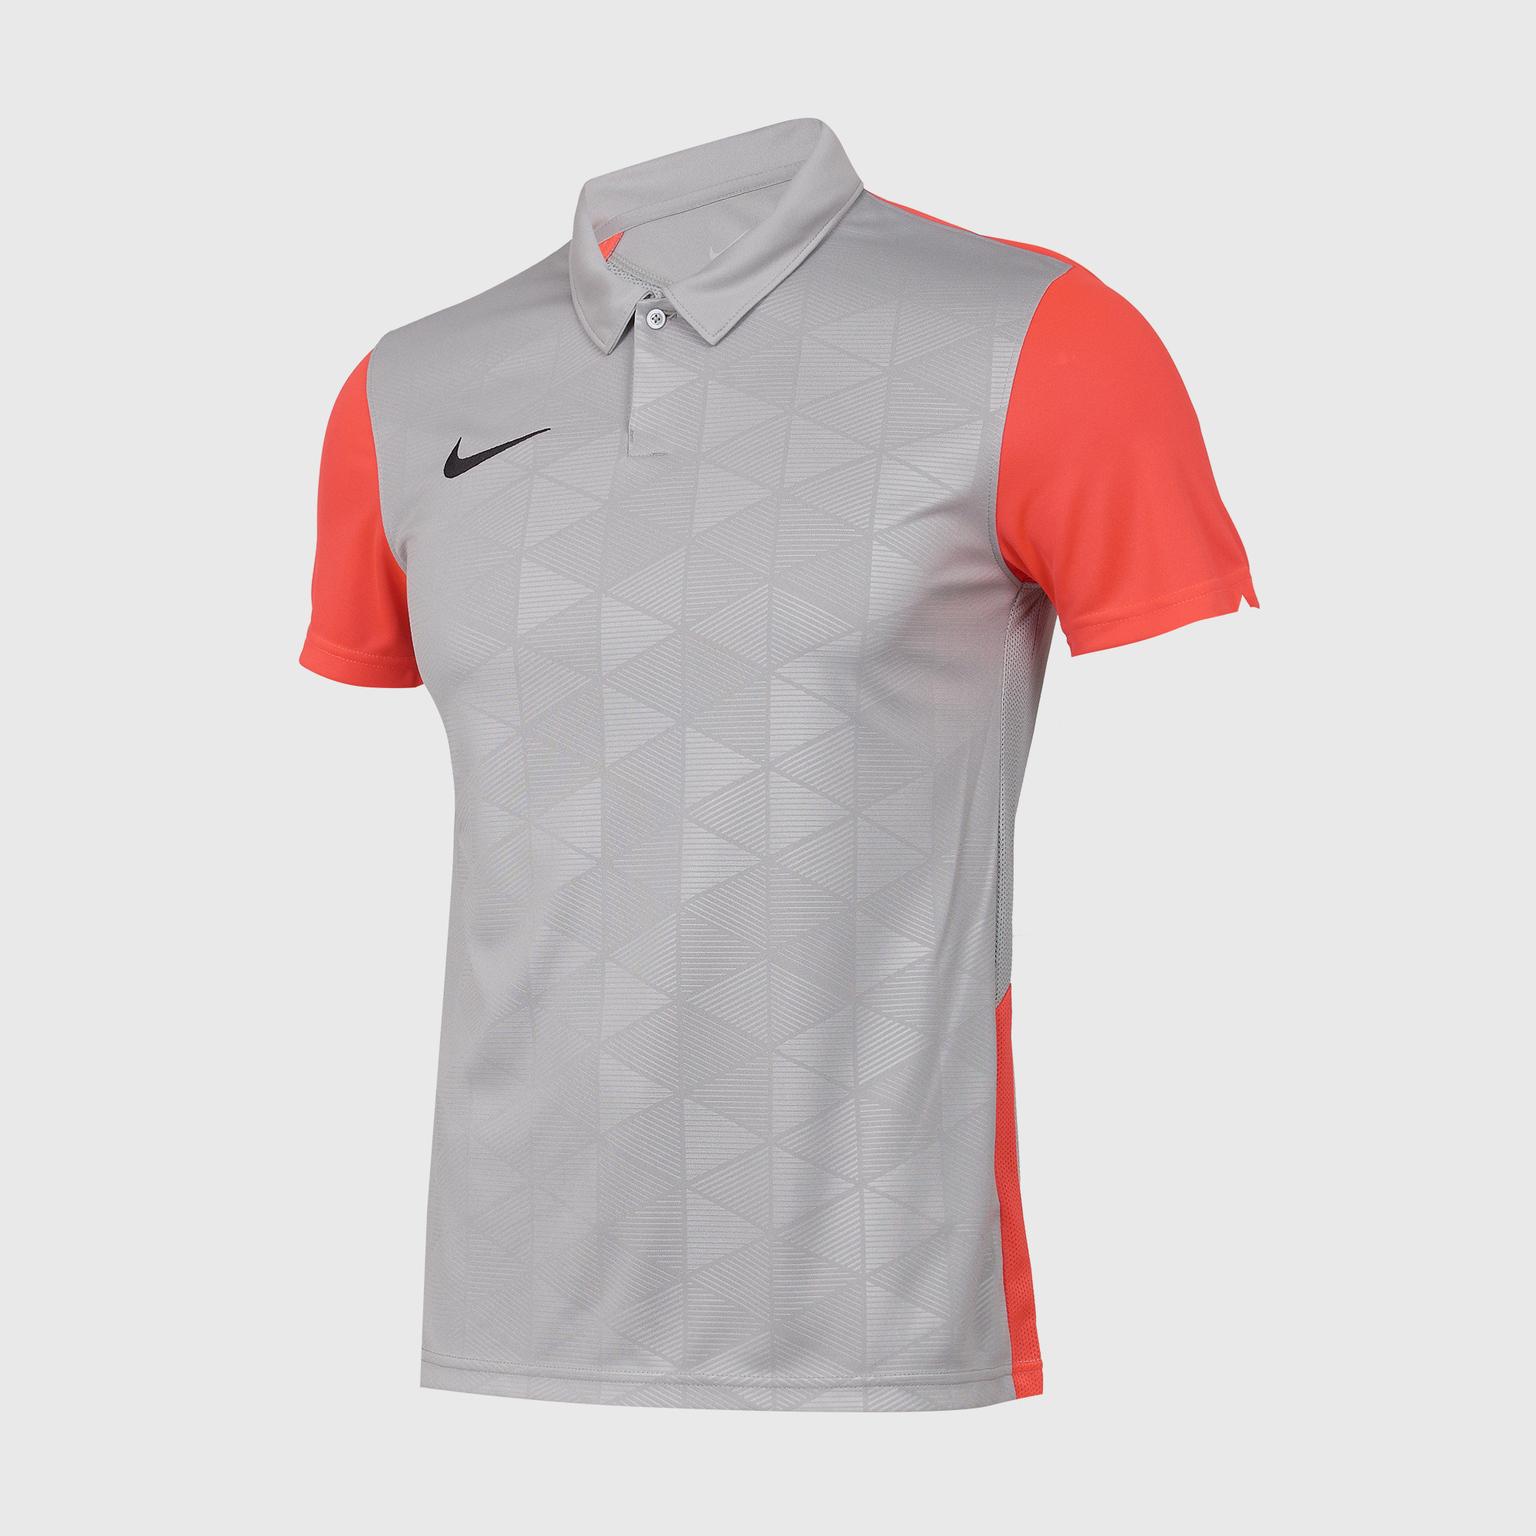 Футболка игровая Nike Trophy IV BV6725-053 футболка игровая nike trophy iv bv6725 413